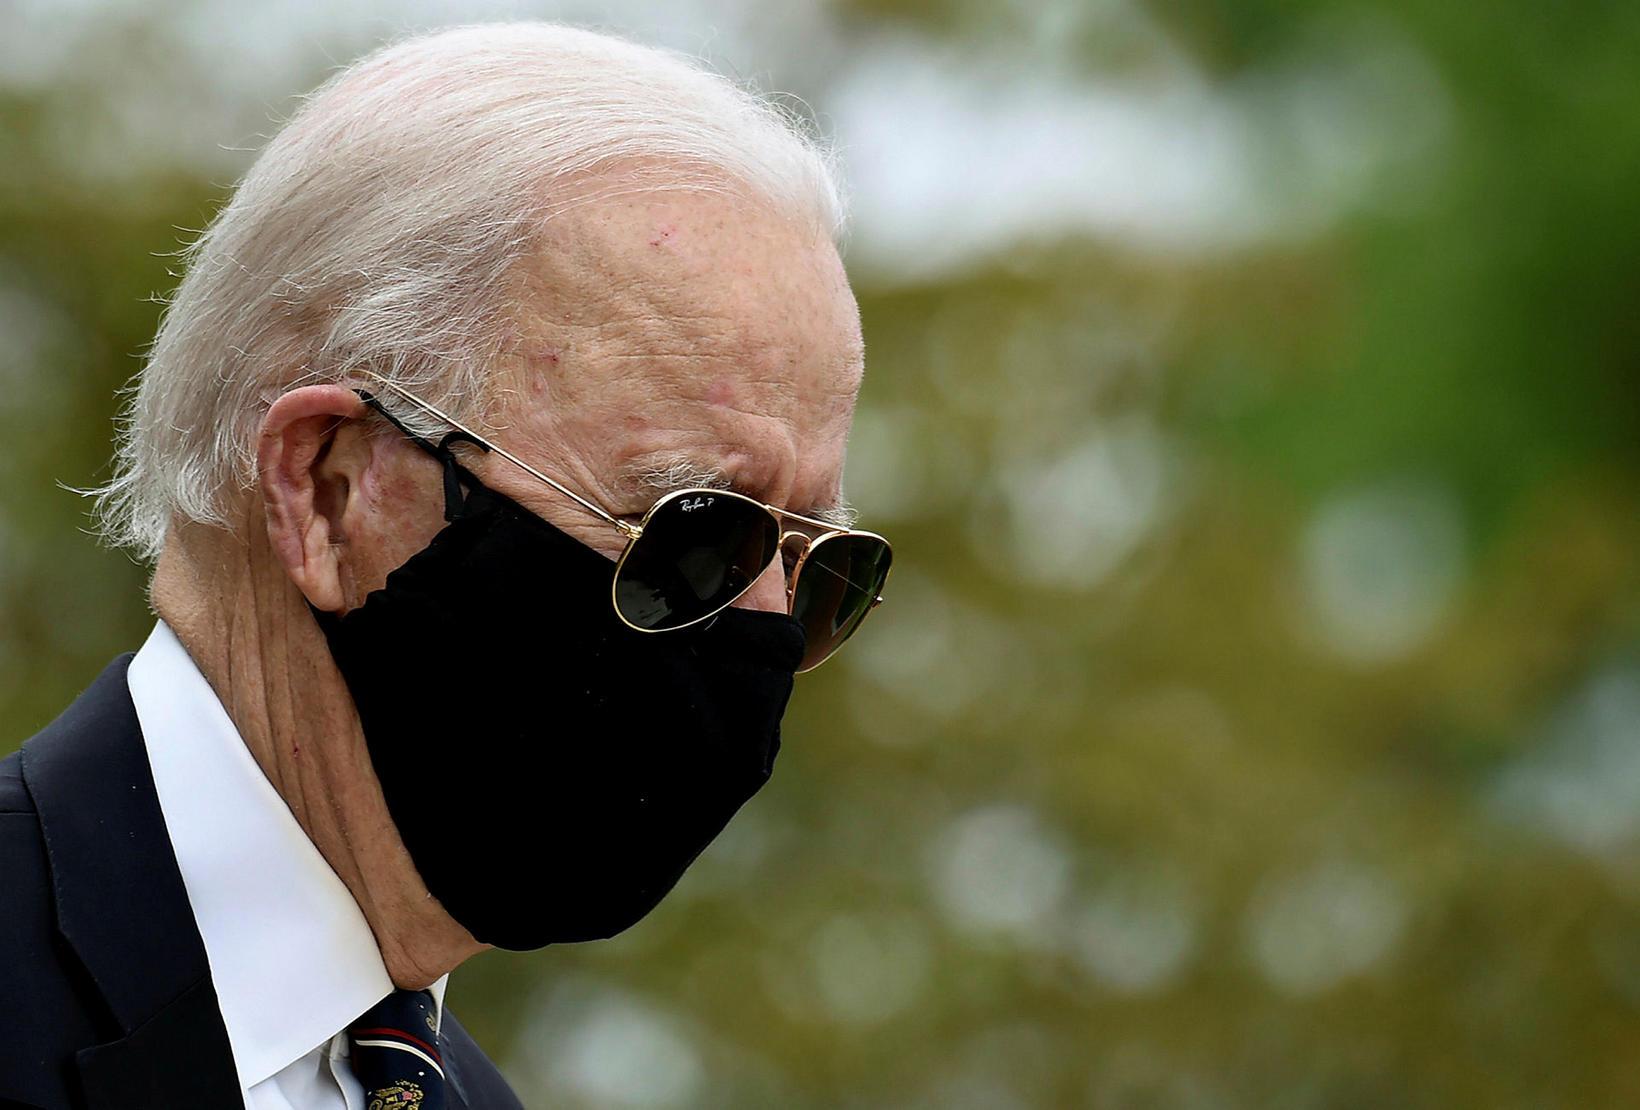 Joe Biden við athöfnina í dag.